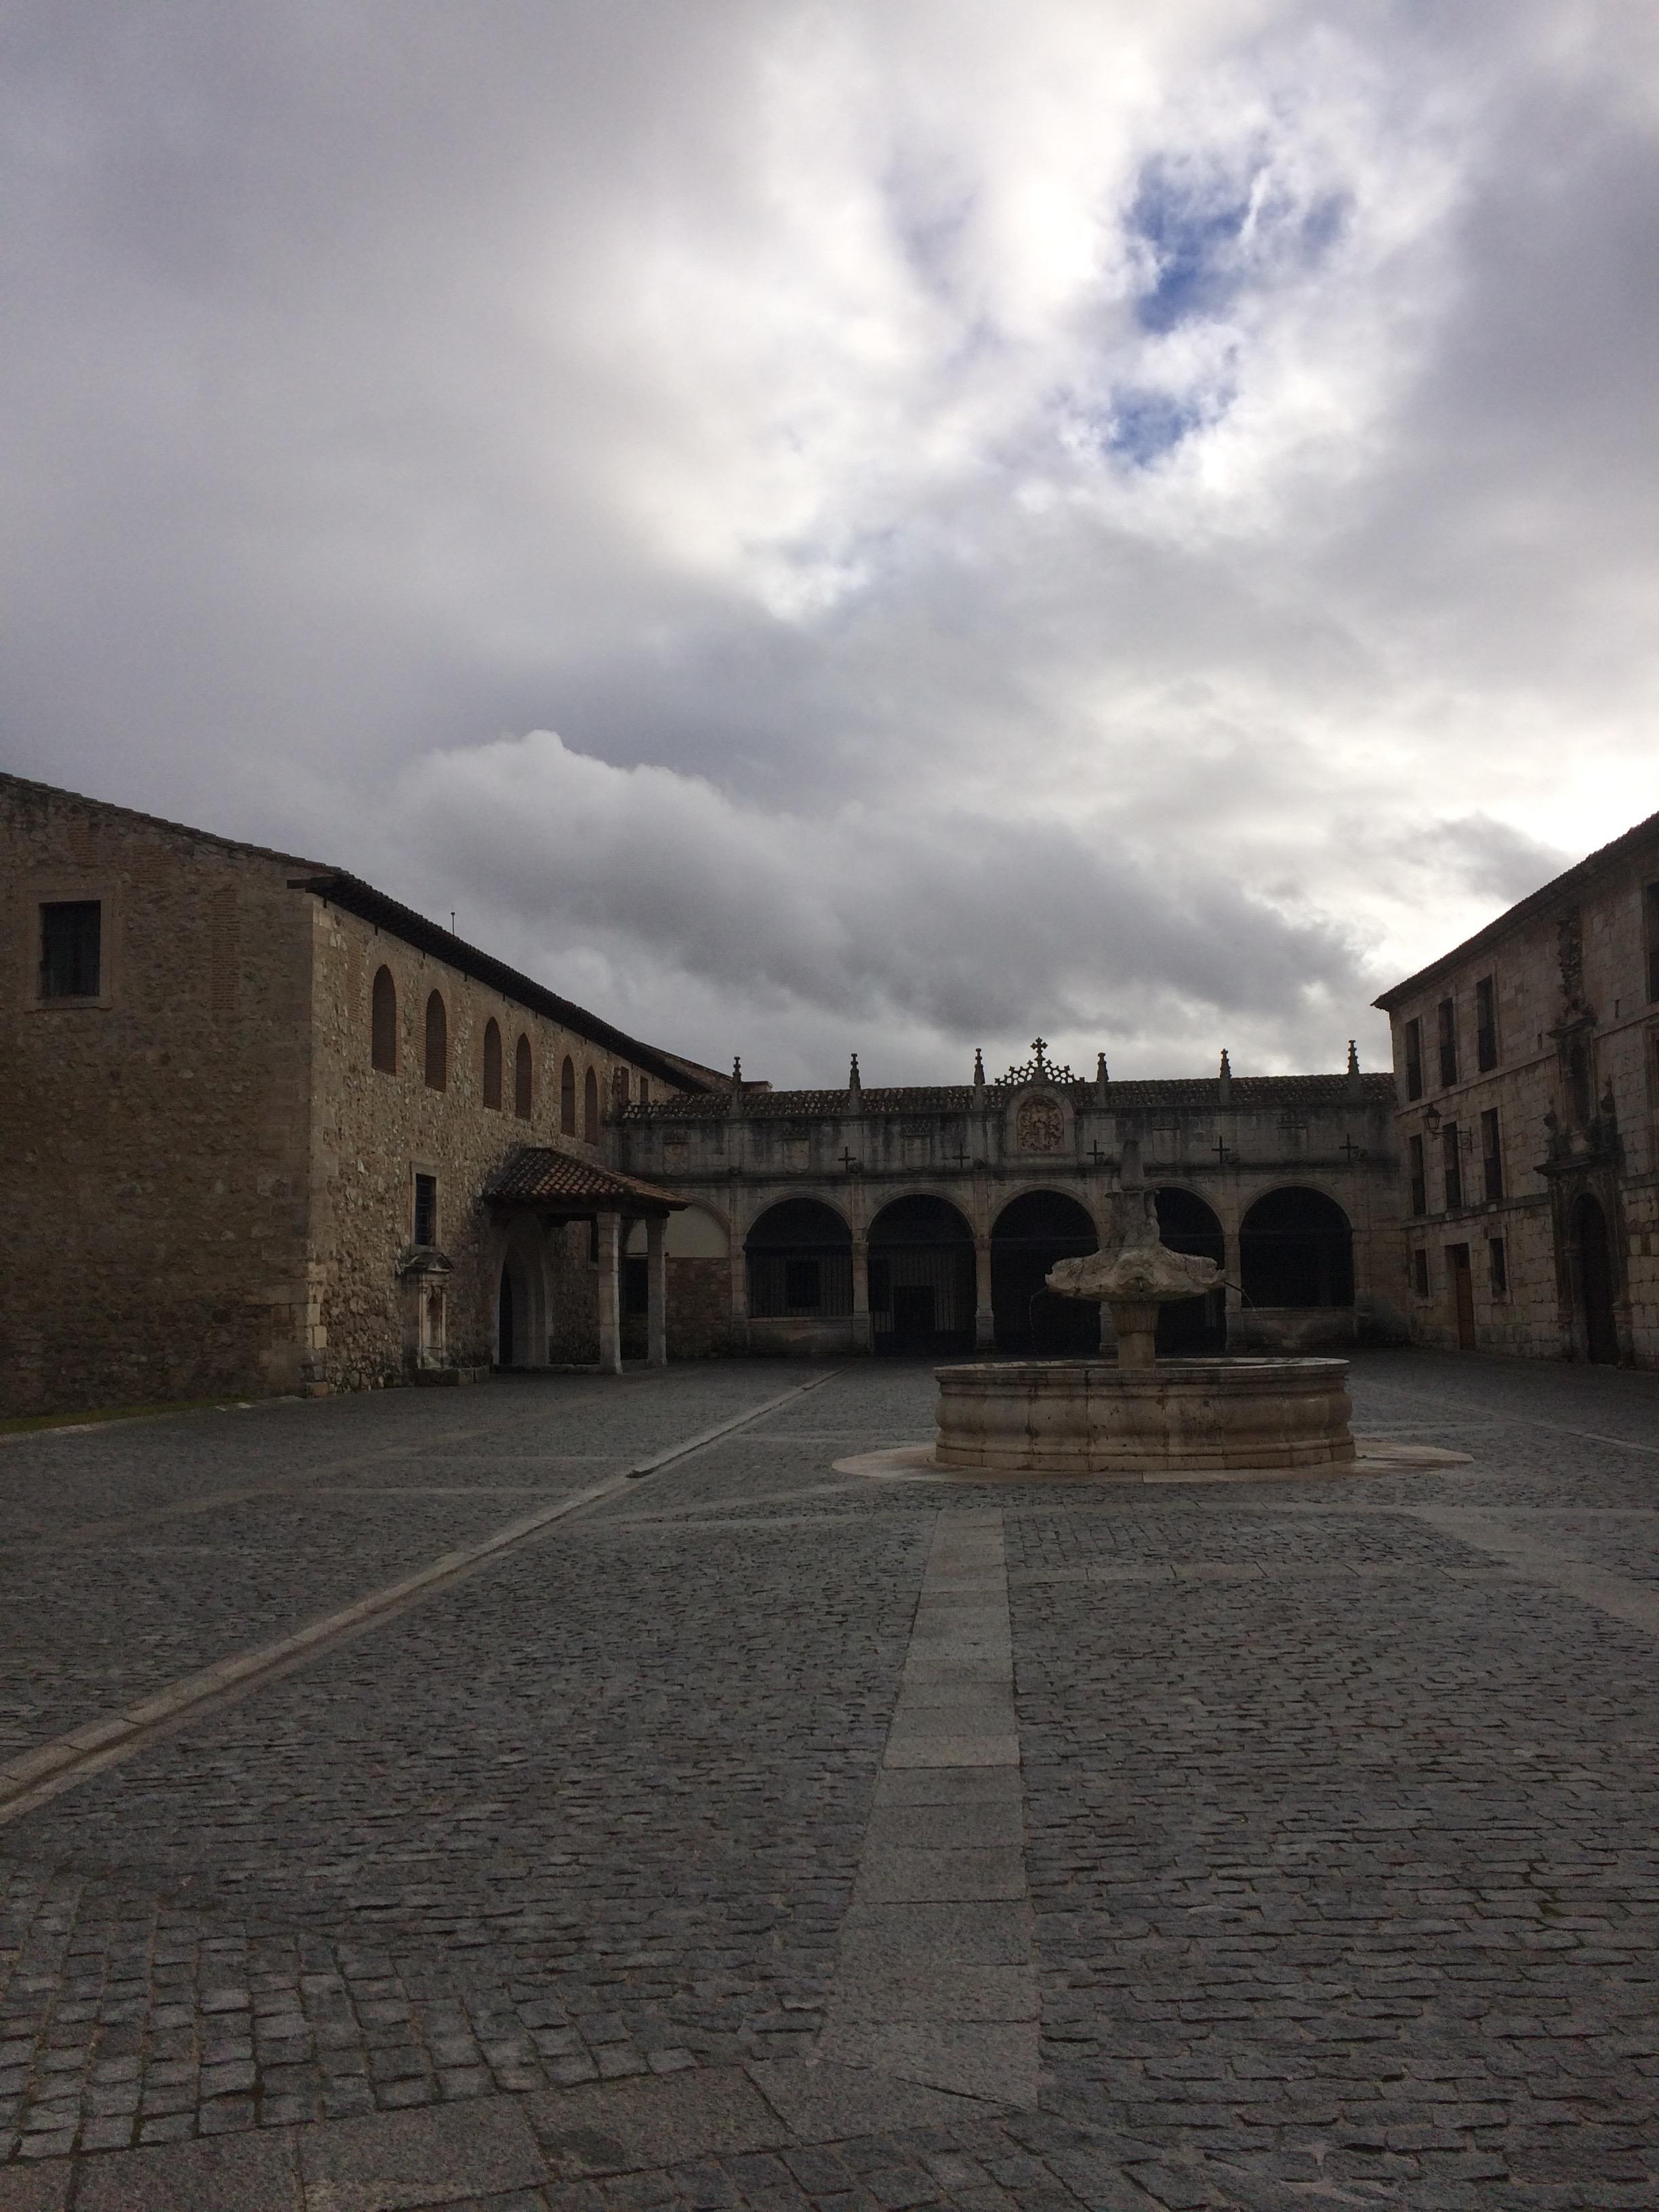 The Gothic Monasterio de las Huelgas.